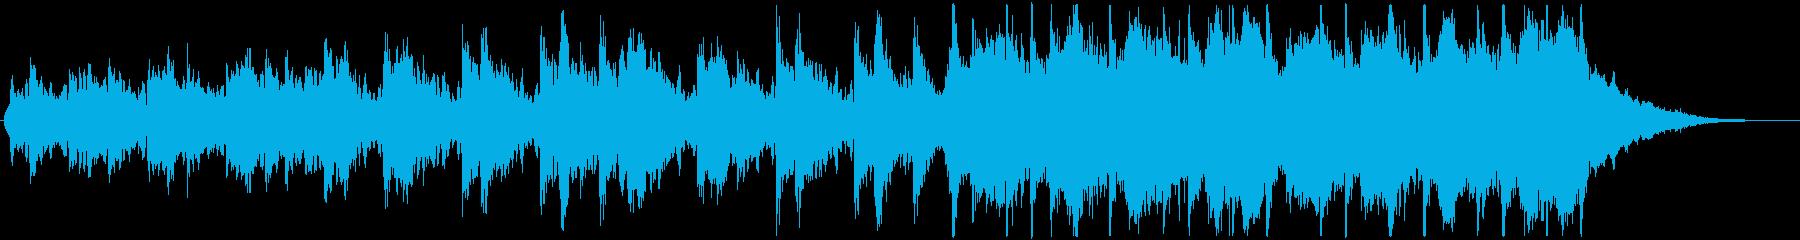 現代的 交響曲 クラシック モダン...の再生済みの波形